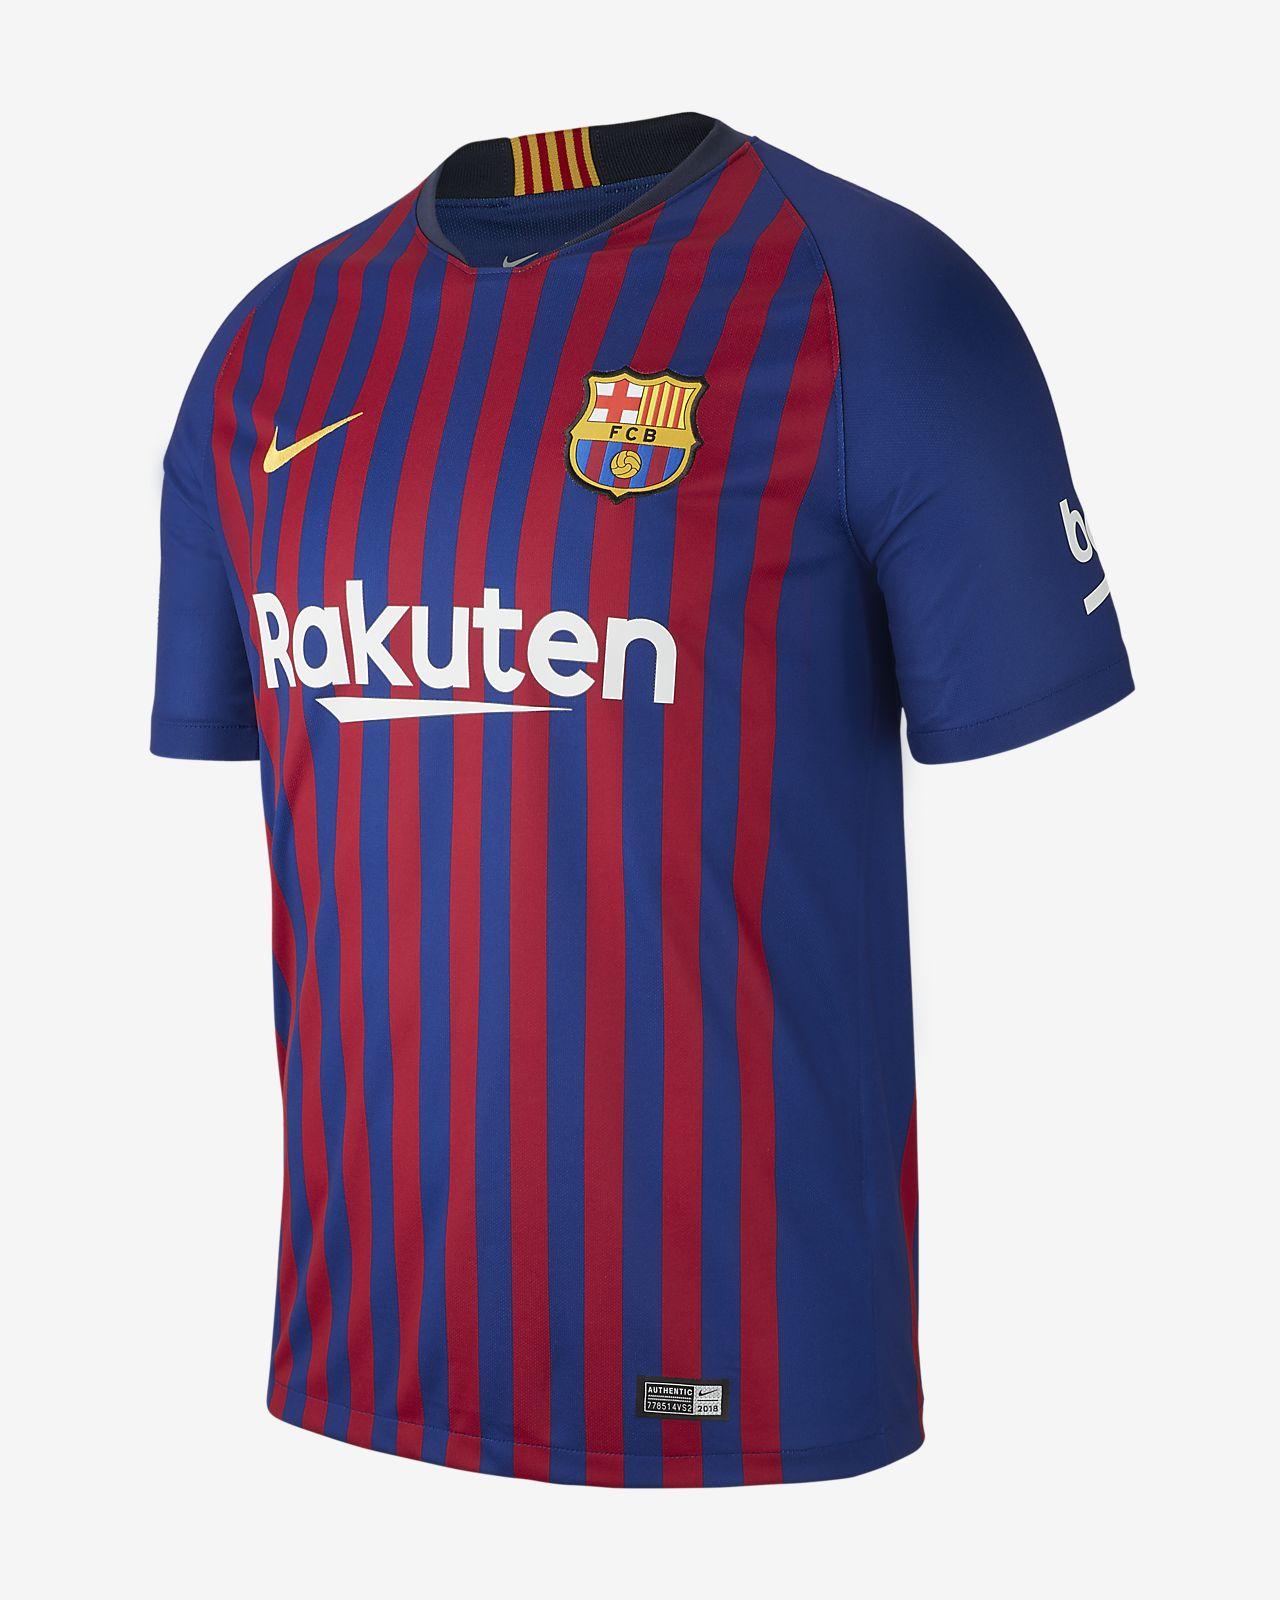 b14e0581e 2018 19 FC Barcelona Stadium Home Men s Soccer Jersey. Nike.com